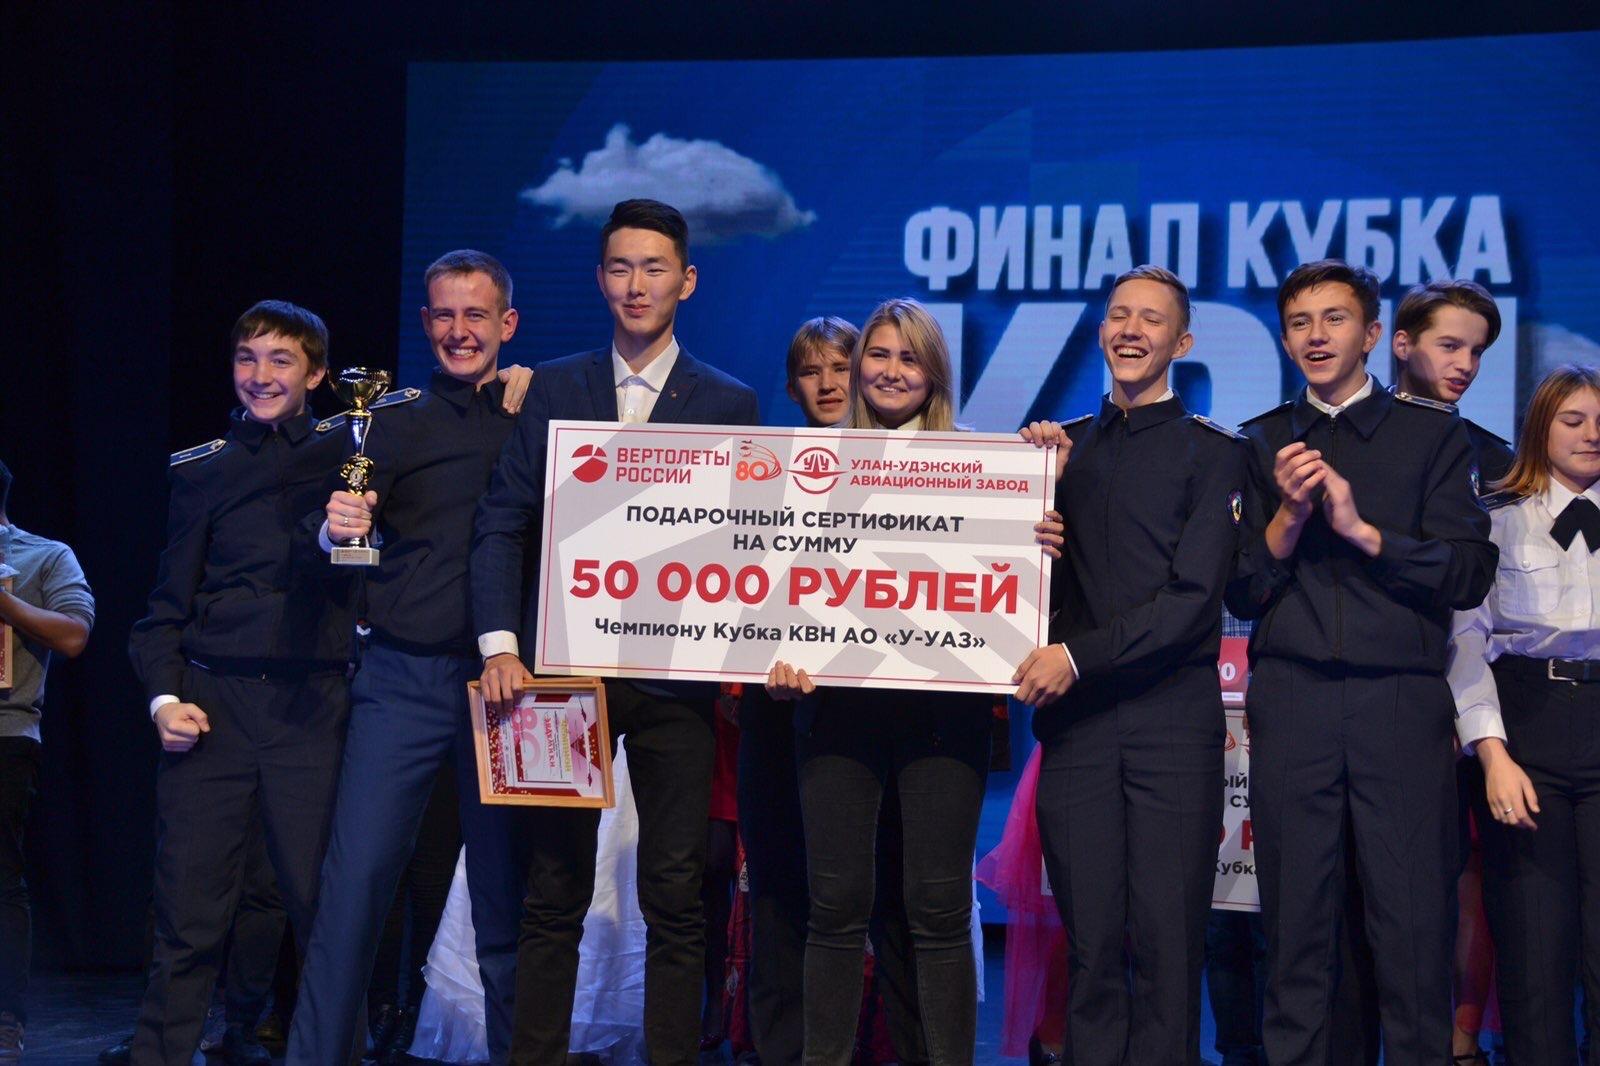 Поздравляем нашу команду «Эндемики» с победой в финале Кубка КВН АО «У-УАЗ»!